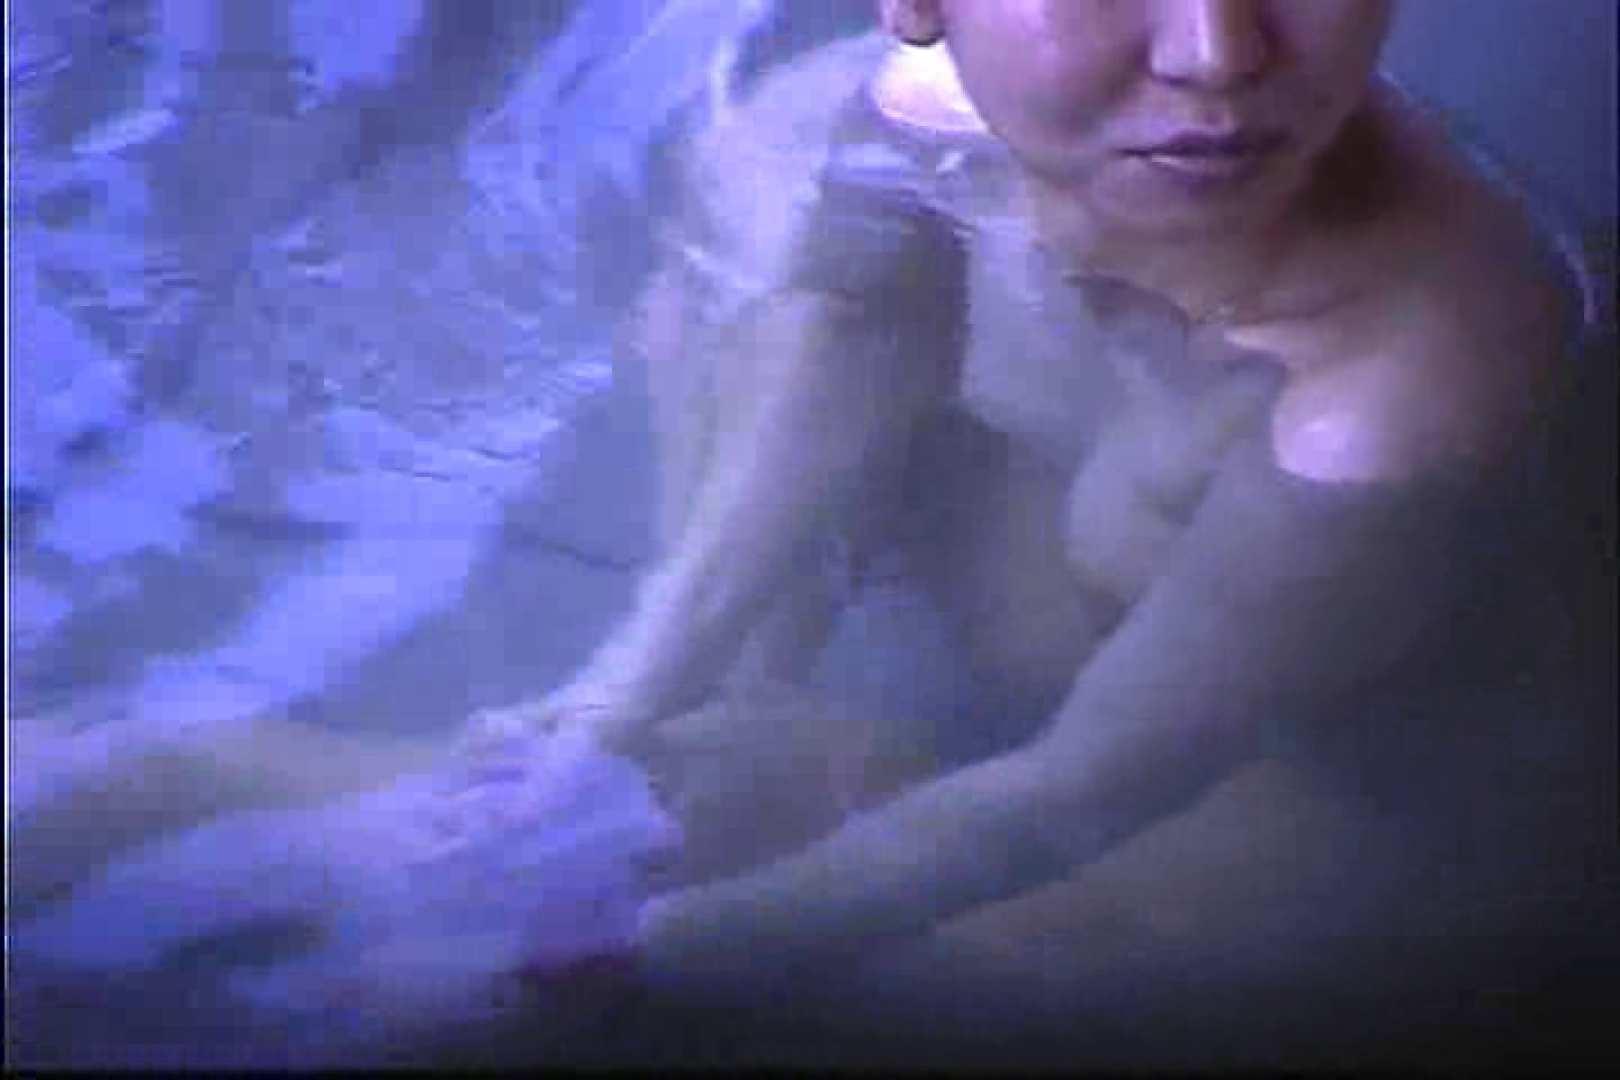 激撮!! 接写天井裏の刺客Vol.6 女子風呂  106枚 35